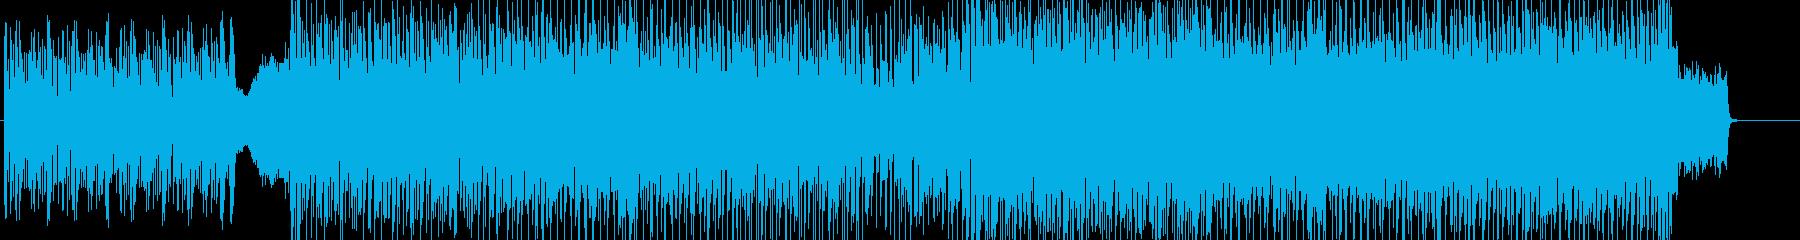 緊迫感、エレクトロニカ&パーカッション系の再生済みの波形